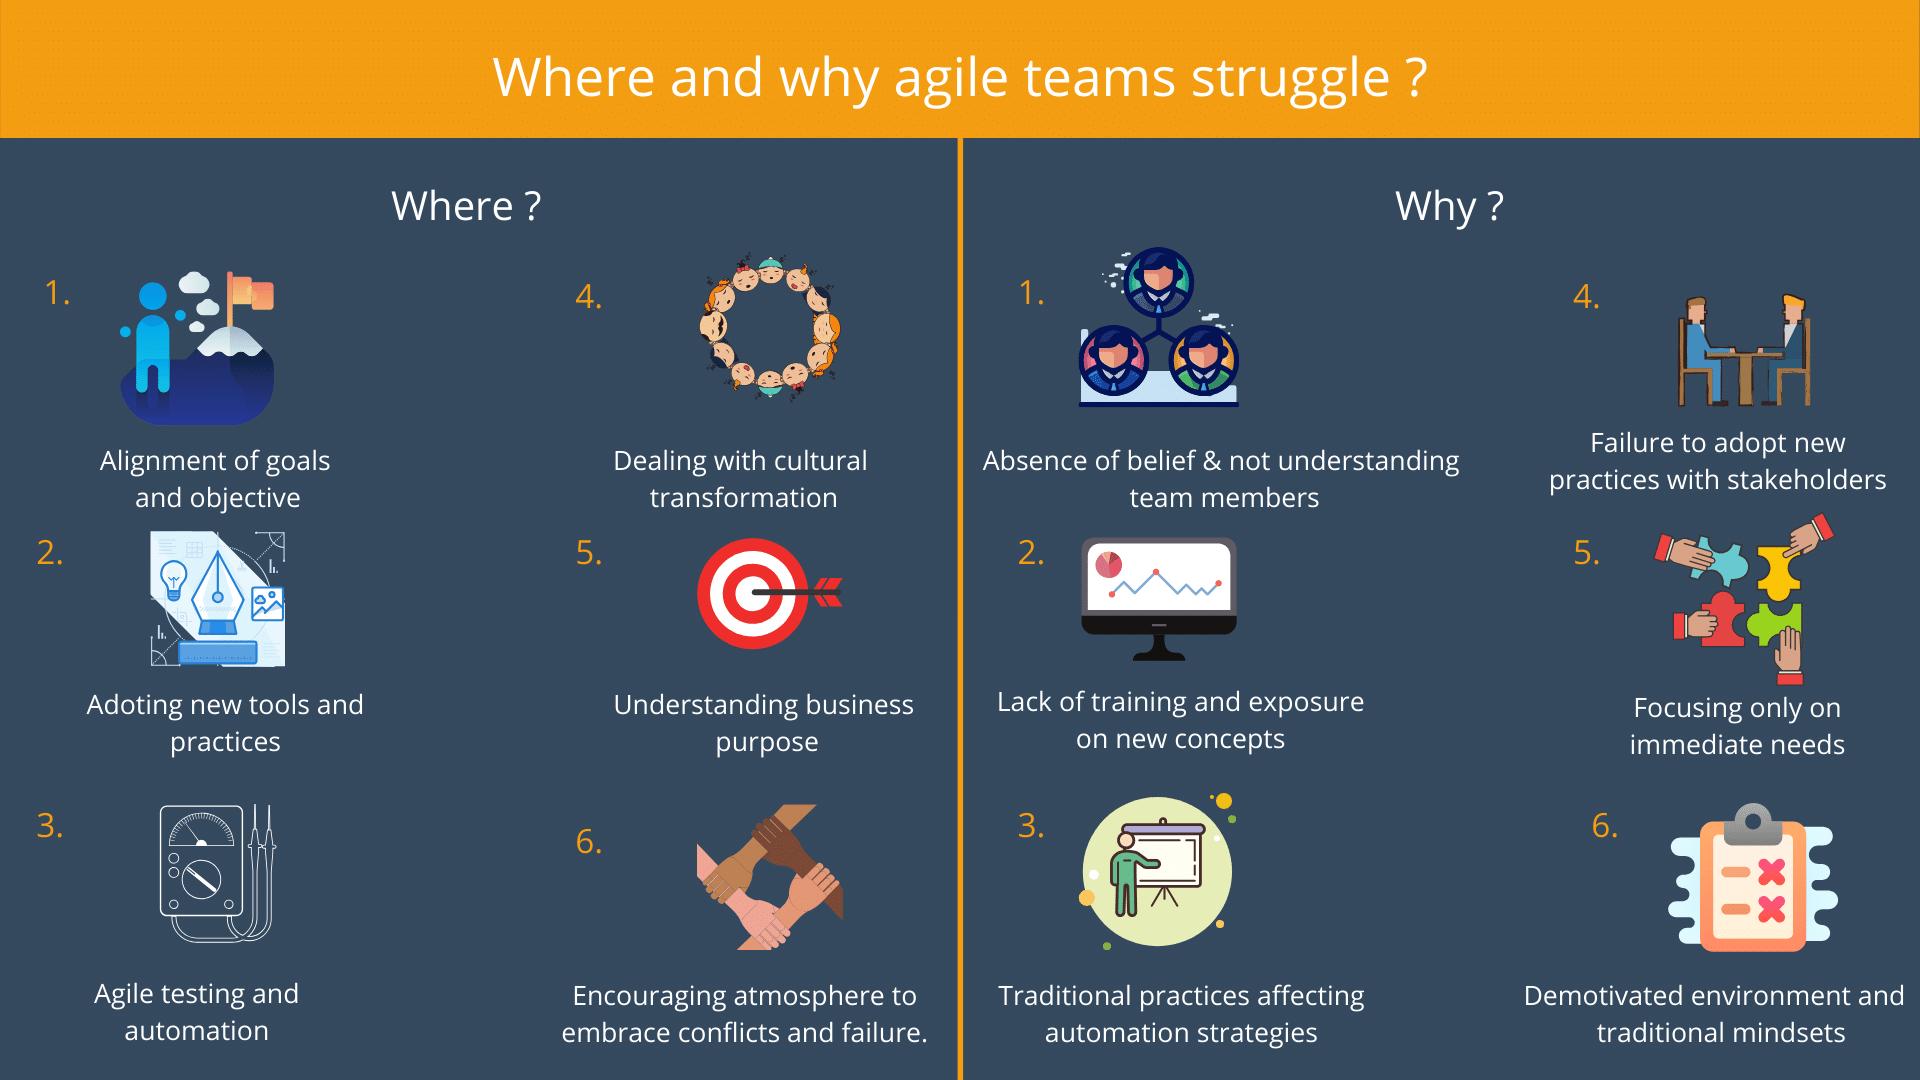 Where and why agile teams struggle _